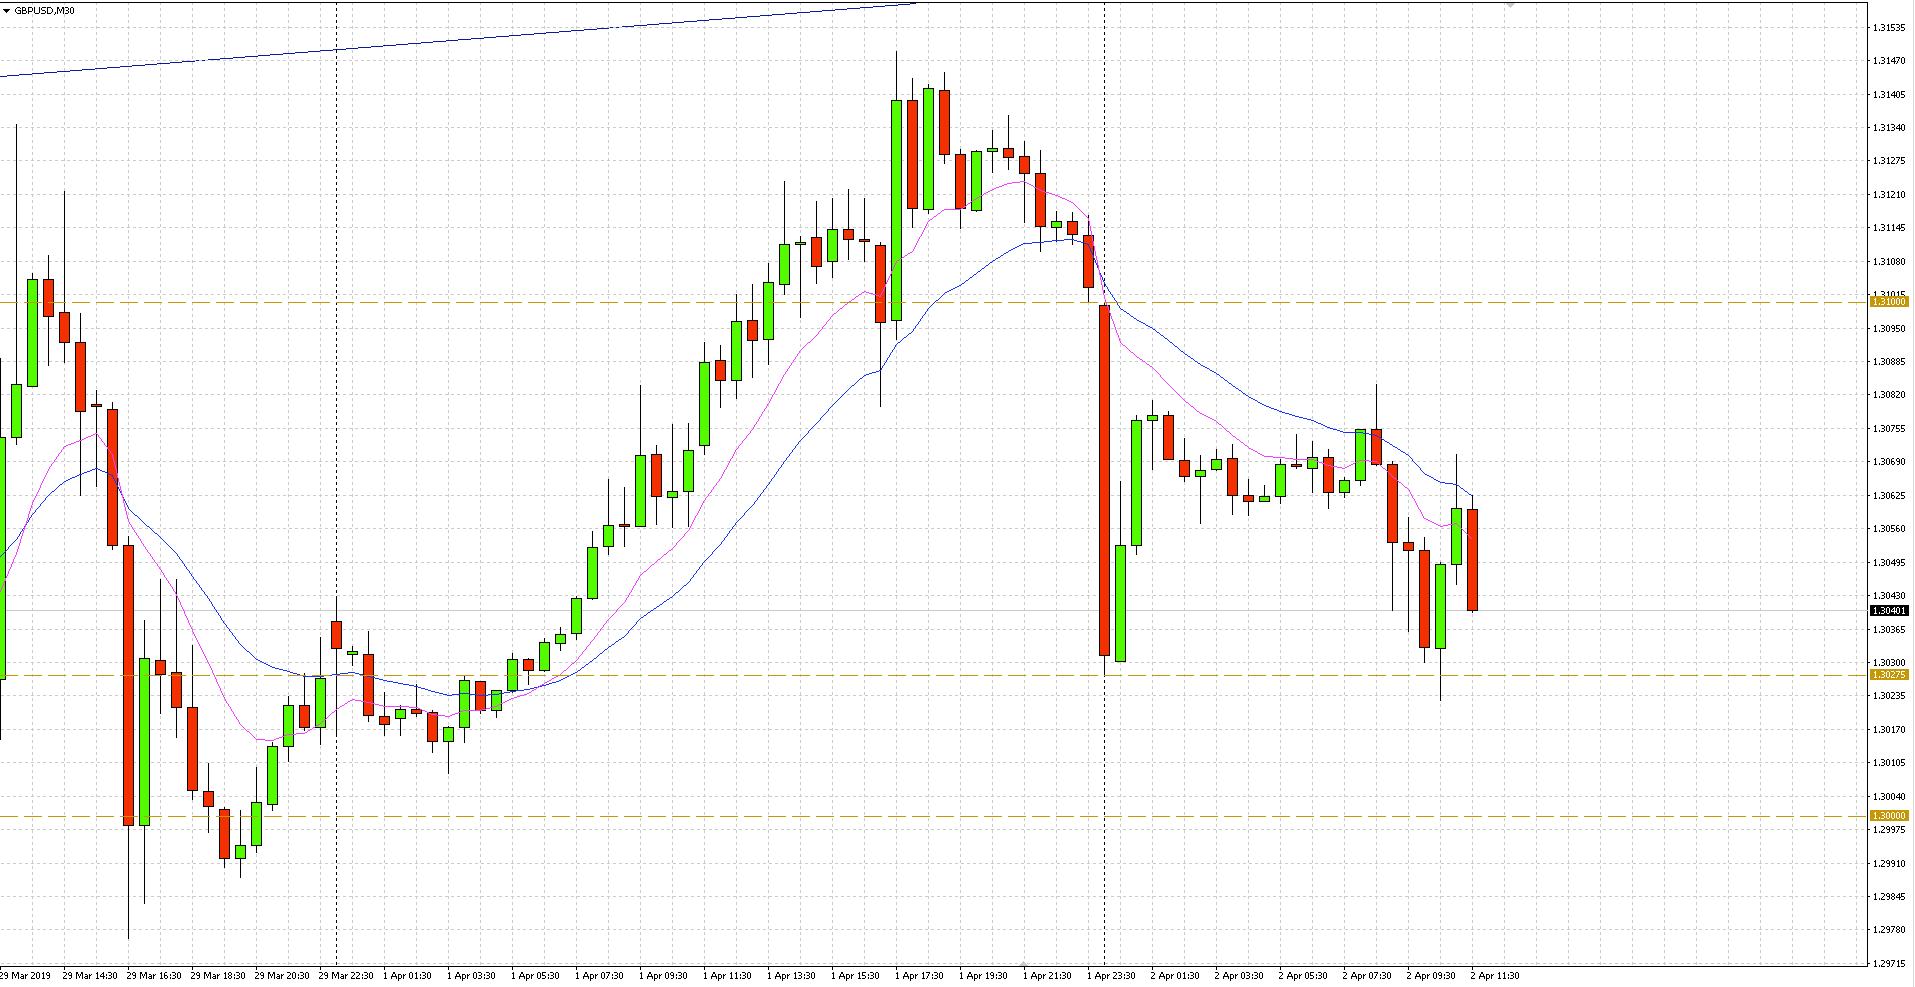 GBP/USD - wykres 30-minutowy - 2 kwietnia 2019